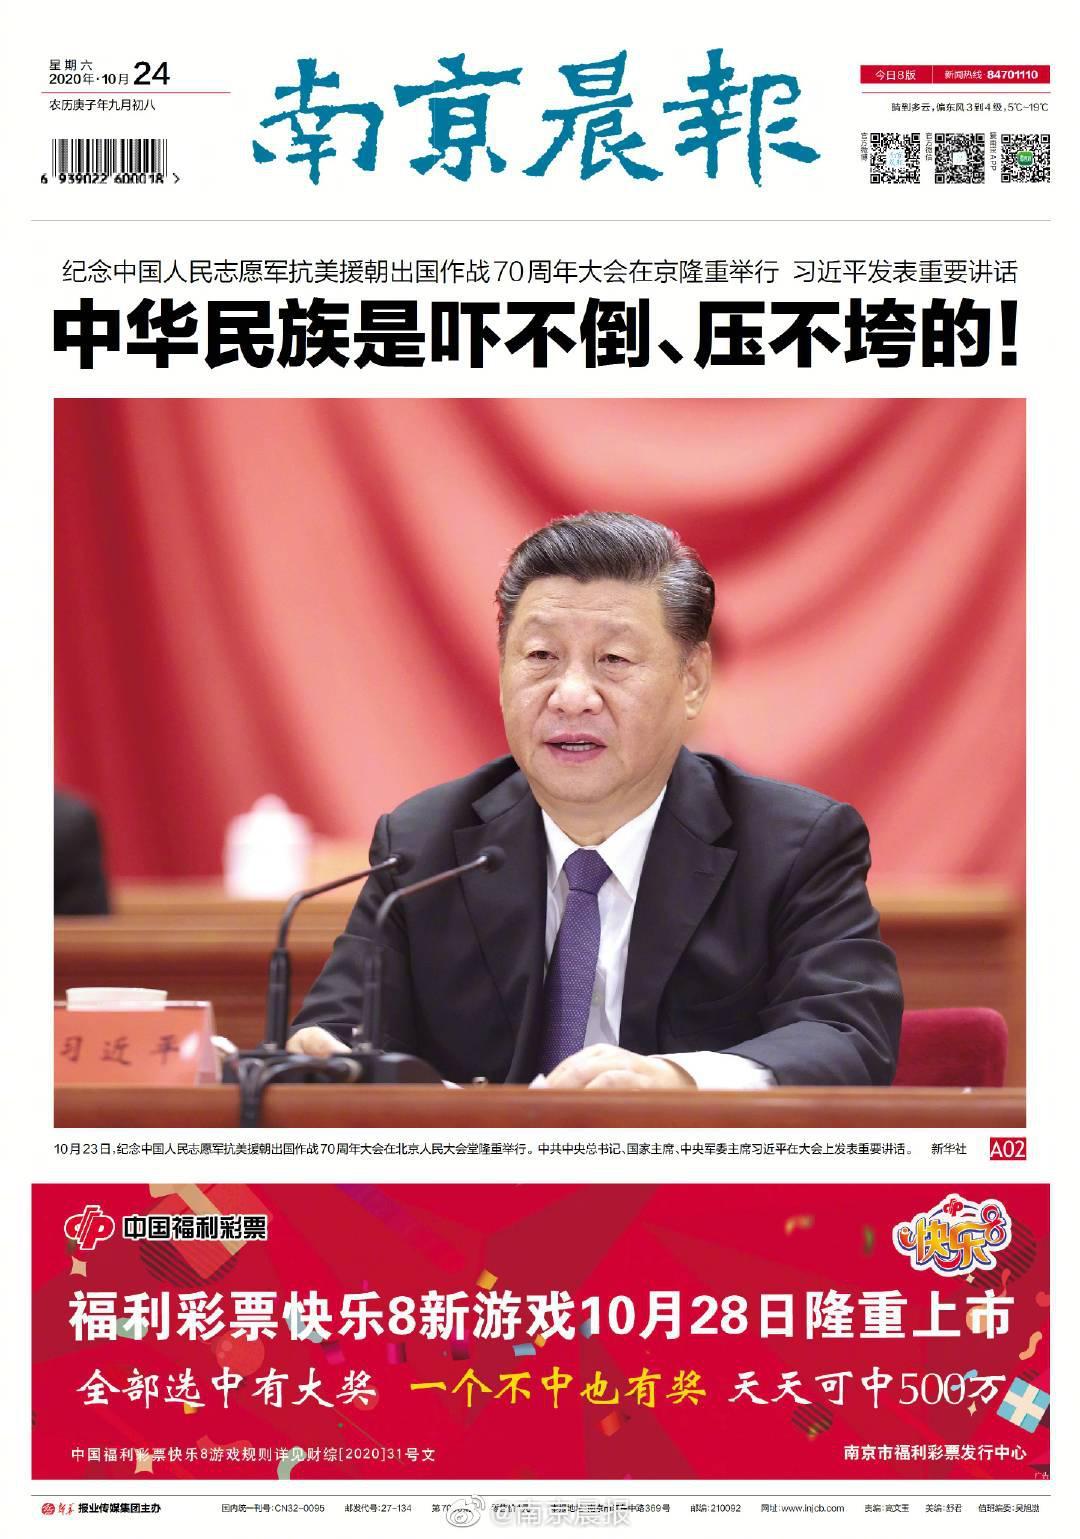 南京晨报10月24日电子版